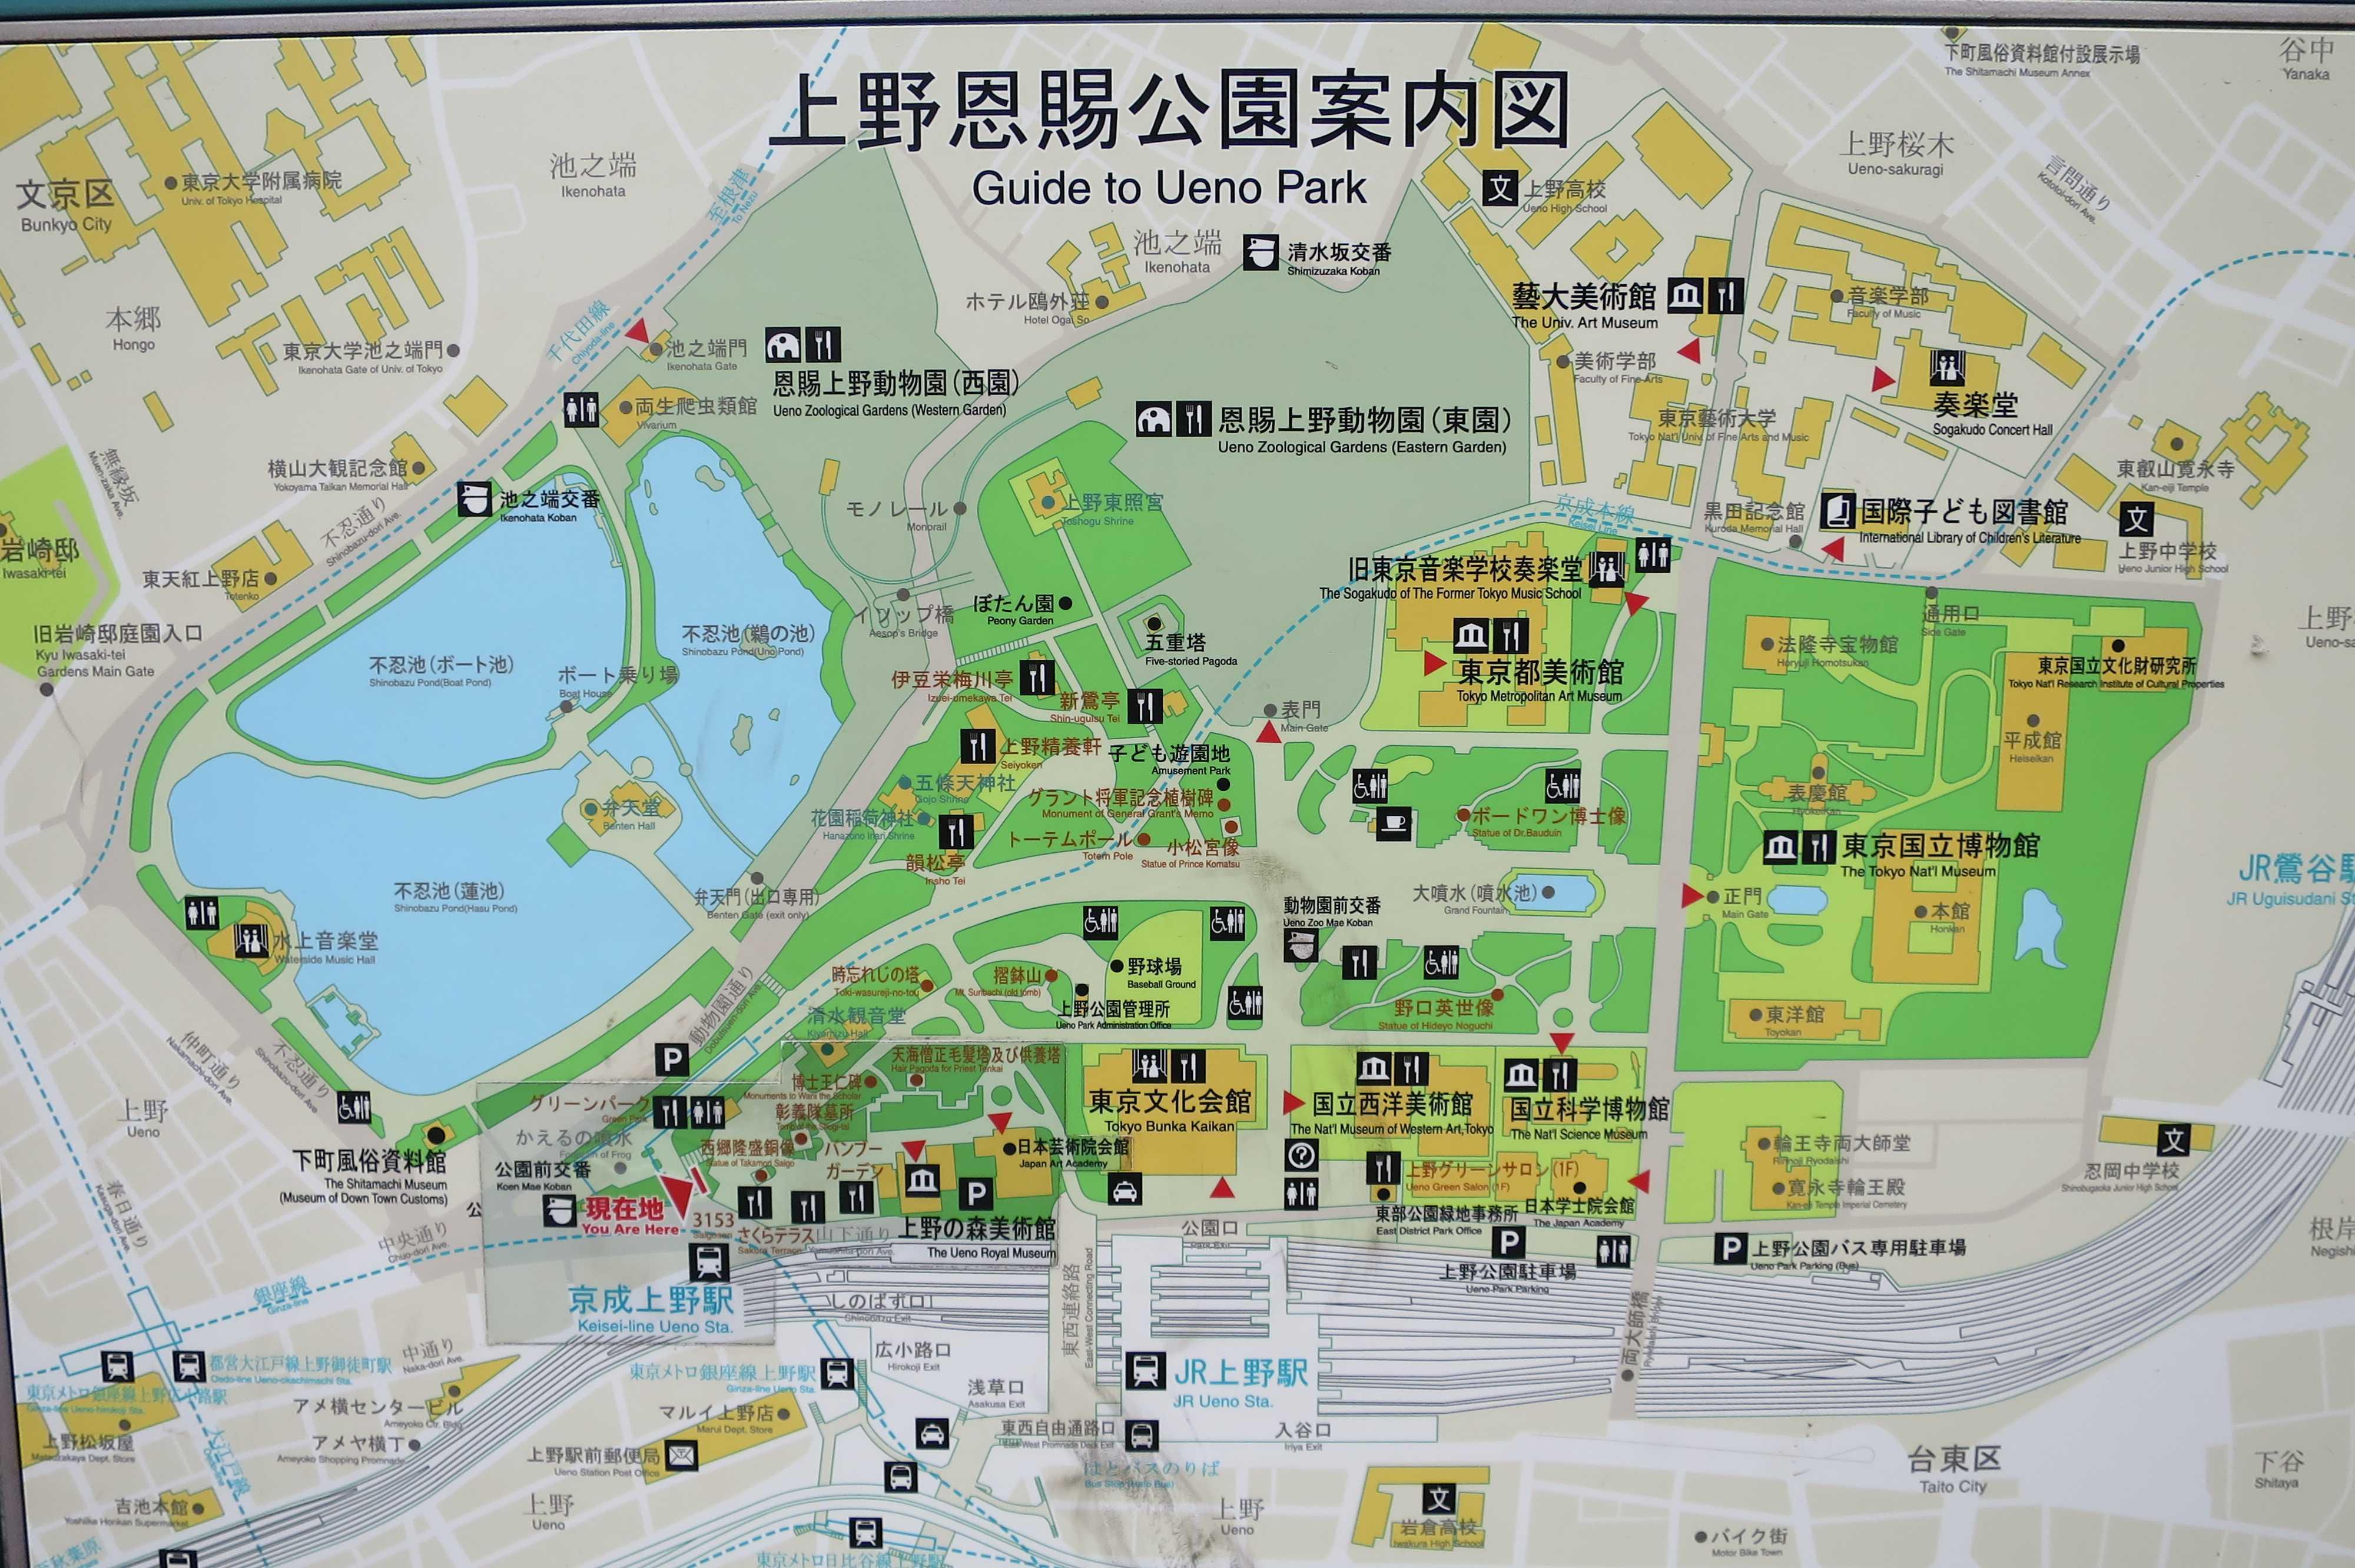 上野恩賜公園案内図